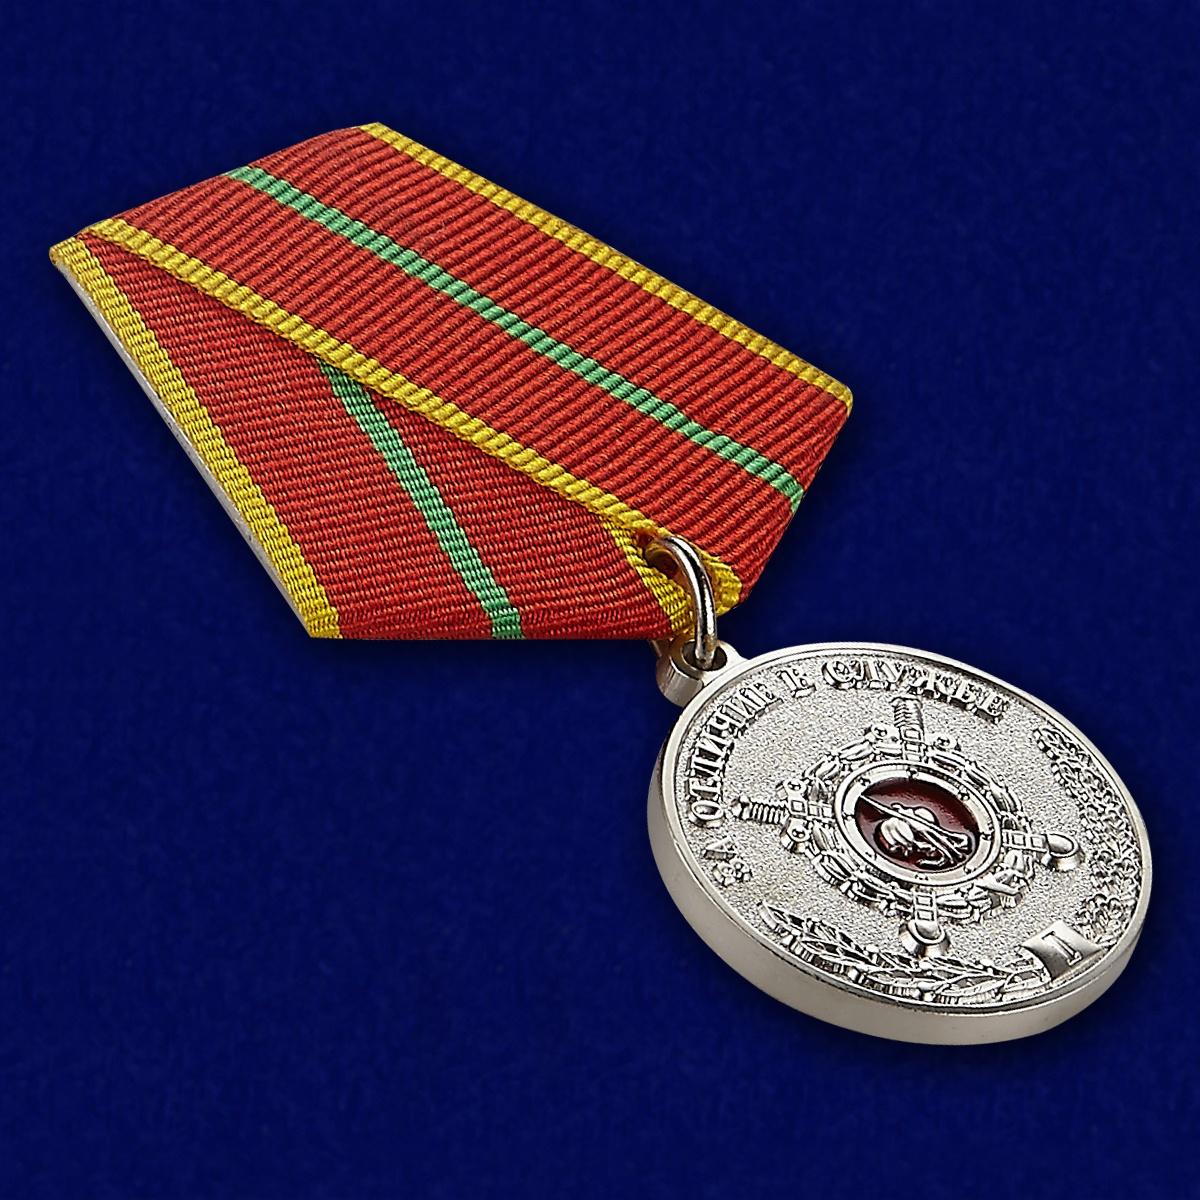 """Медаль МВД """"За отличие в службе"""" 1 степени в бархатистом футляре из флока - общий вид"""